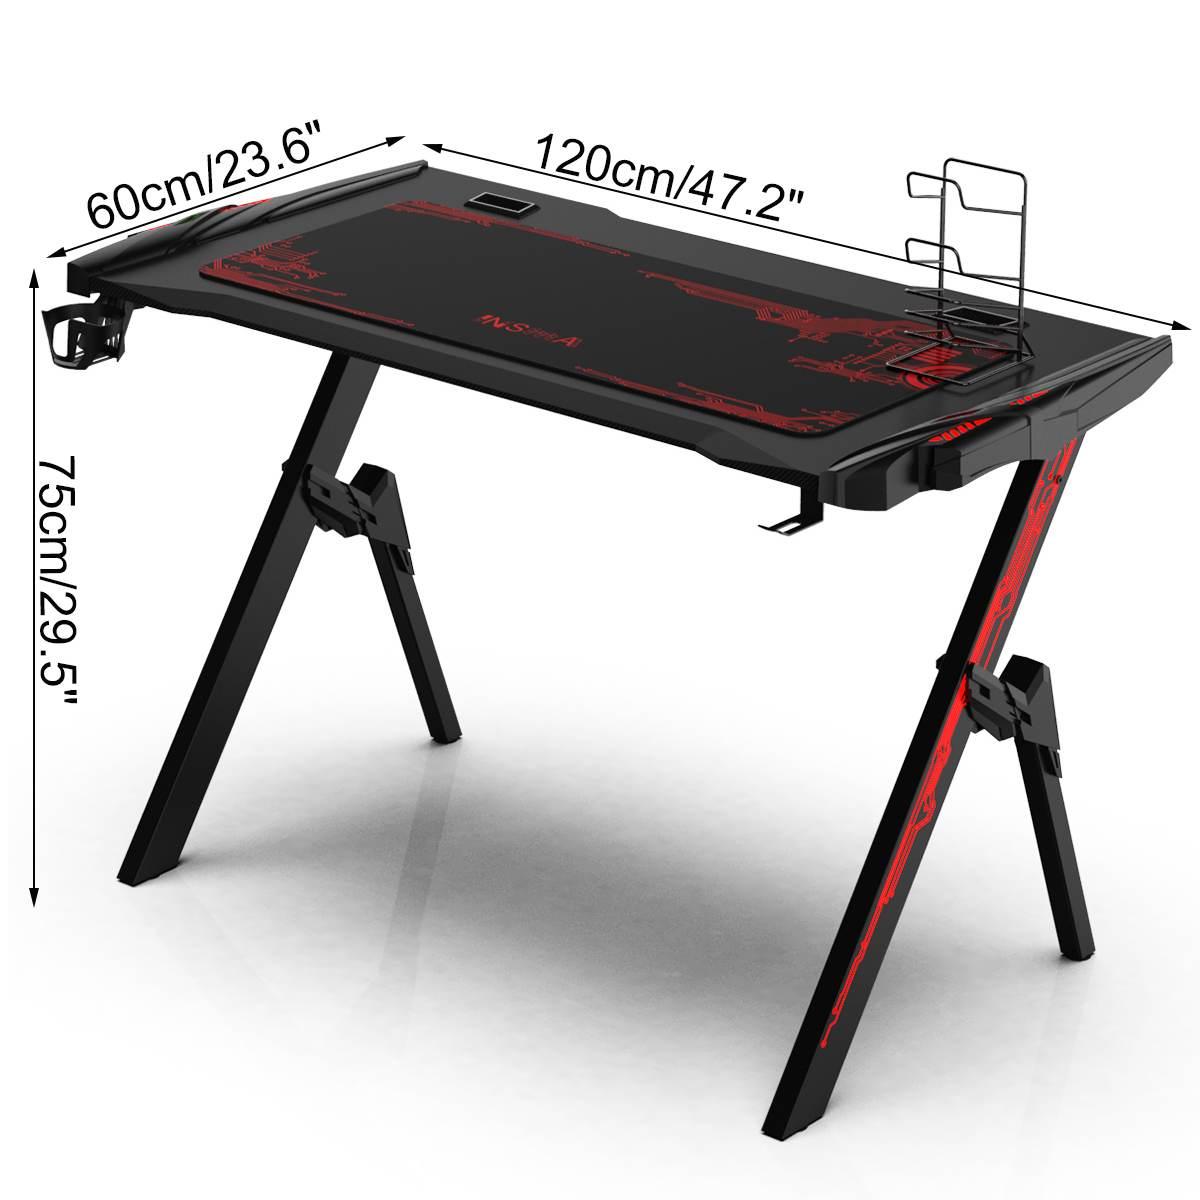 Workstation Dock Laptop Docking station For Lenovo ThinkPad X270 X260 X250 T470 T460 T450  T440  L450 L540 T440p T540p P50 P51S